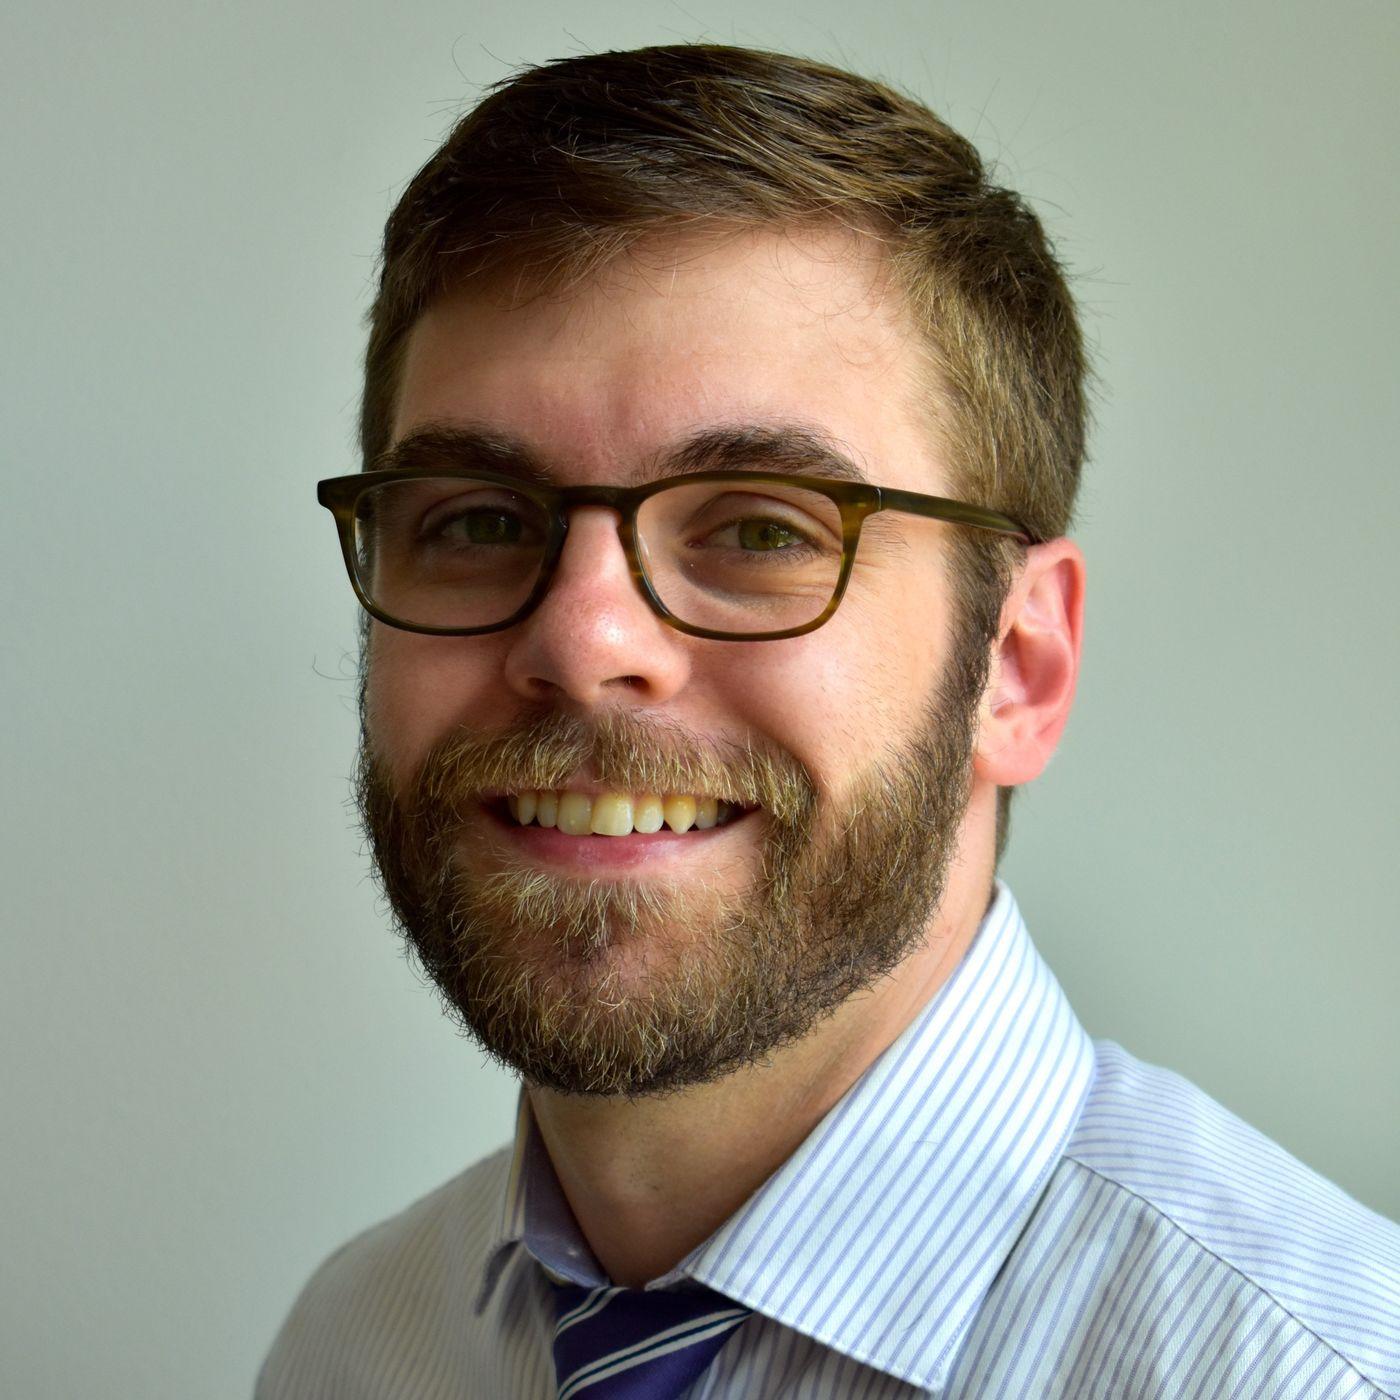 Washington, DC Teacher of the Year: Paul Howard